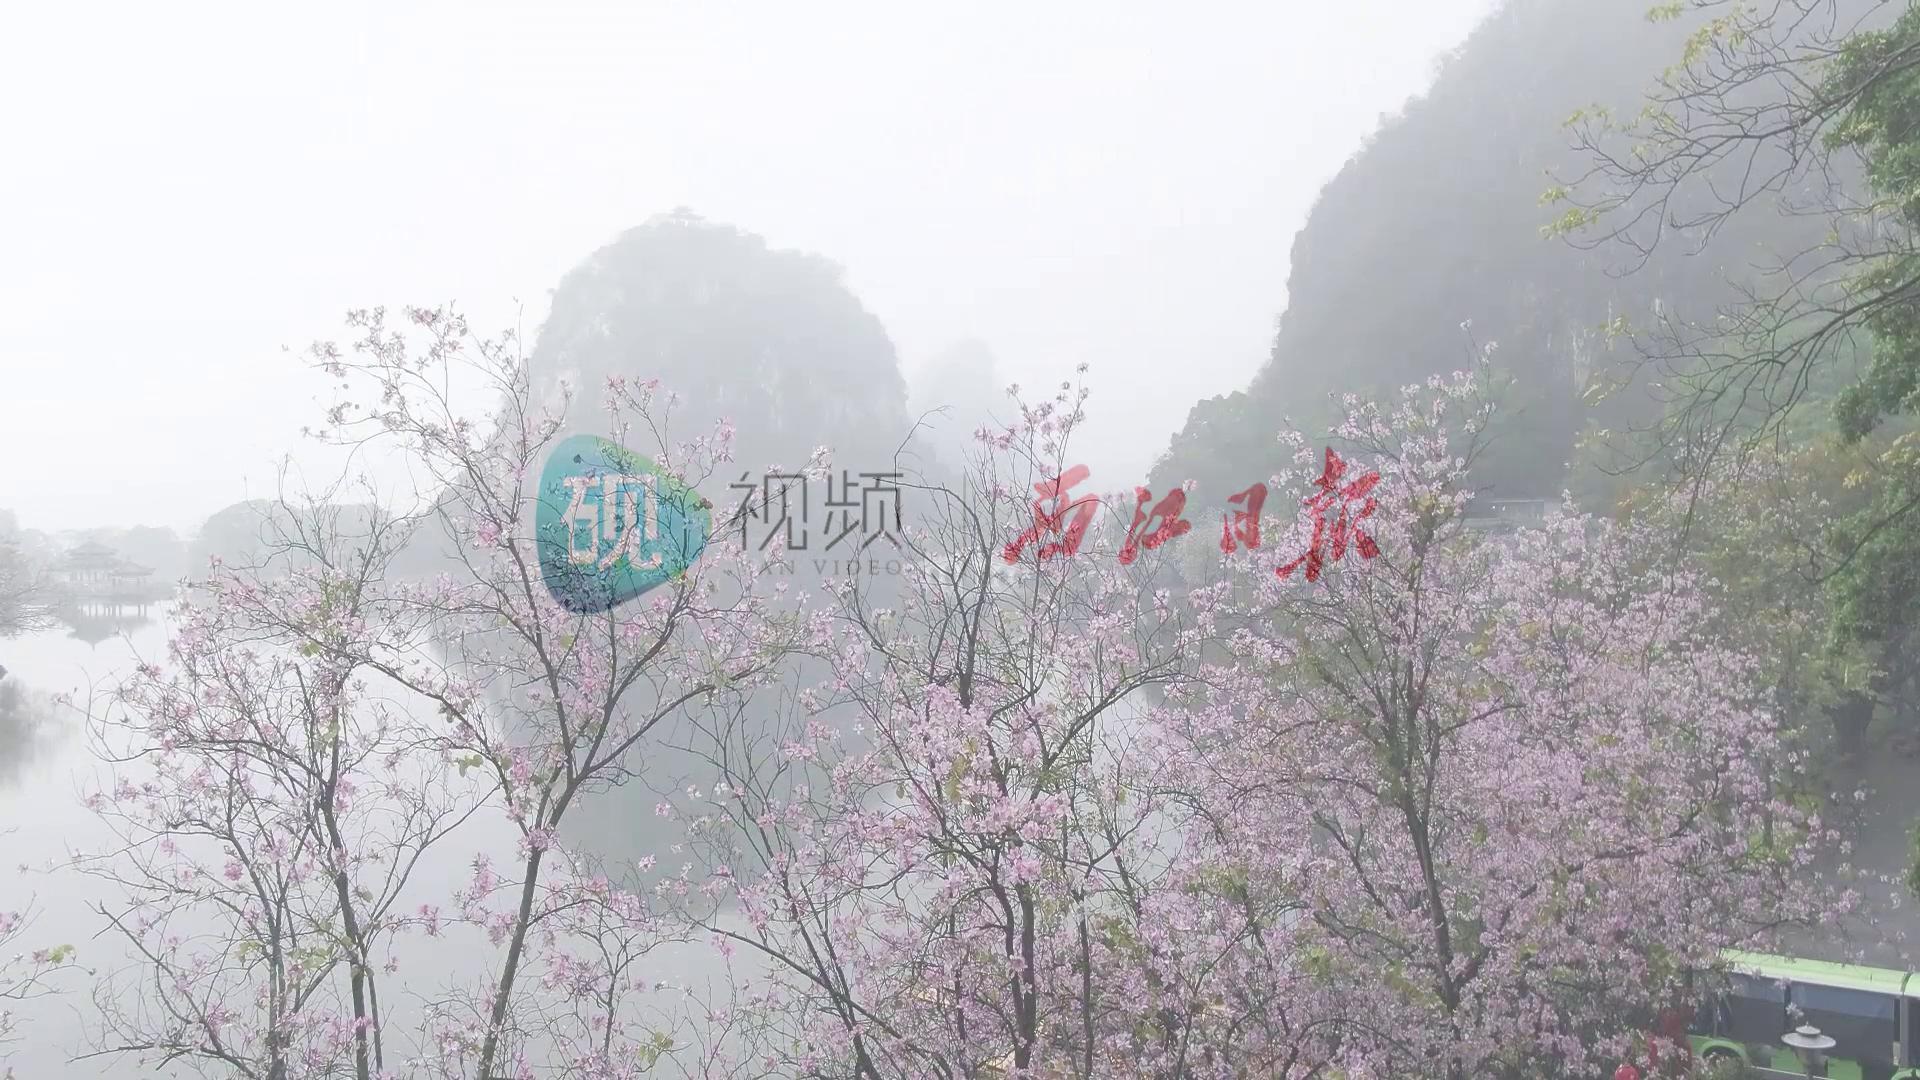 烟雨星湖:七星岩里的宫粉紫荆花,美到深处不自知!